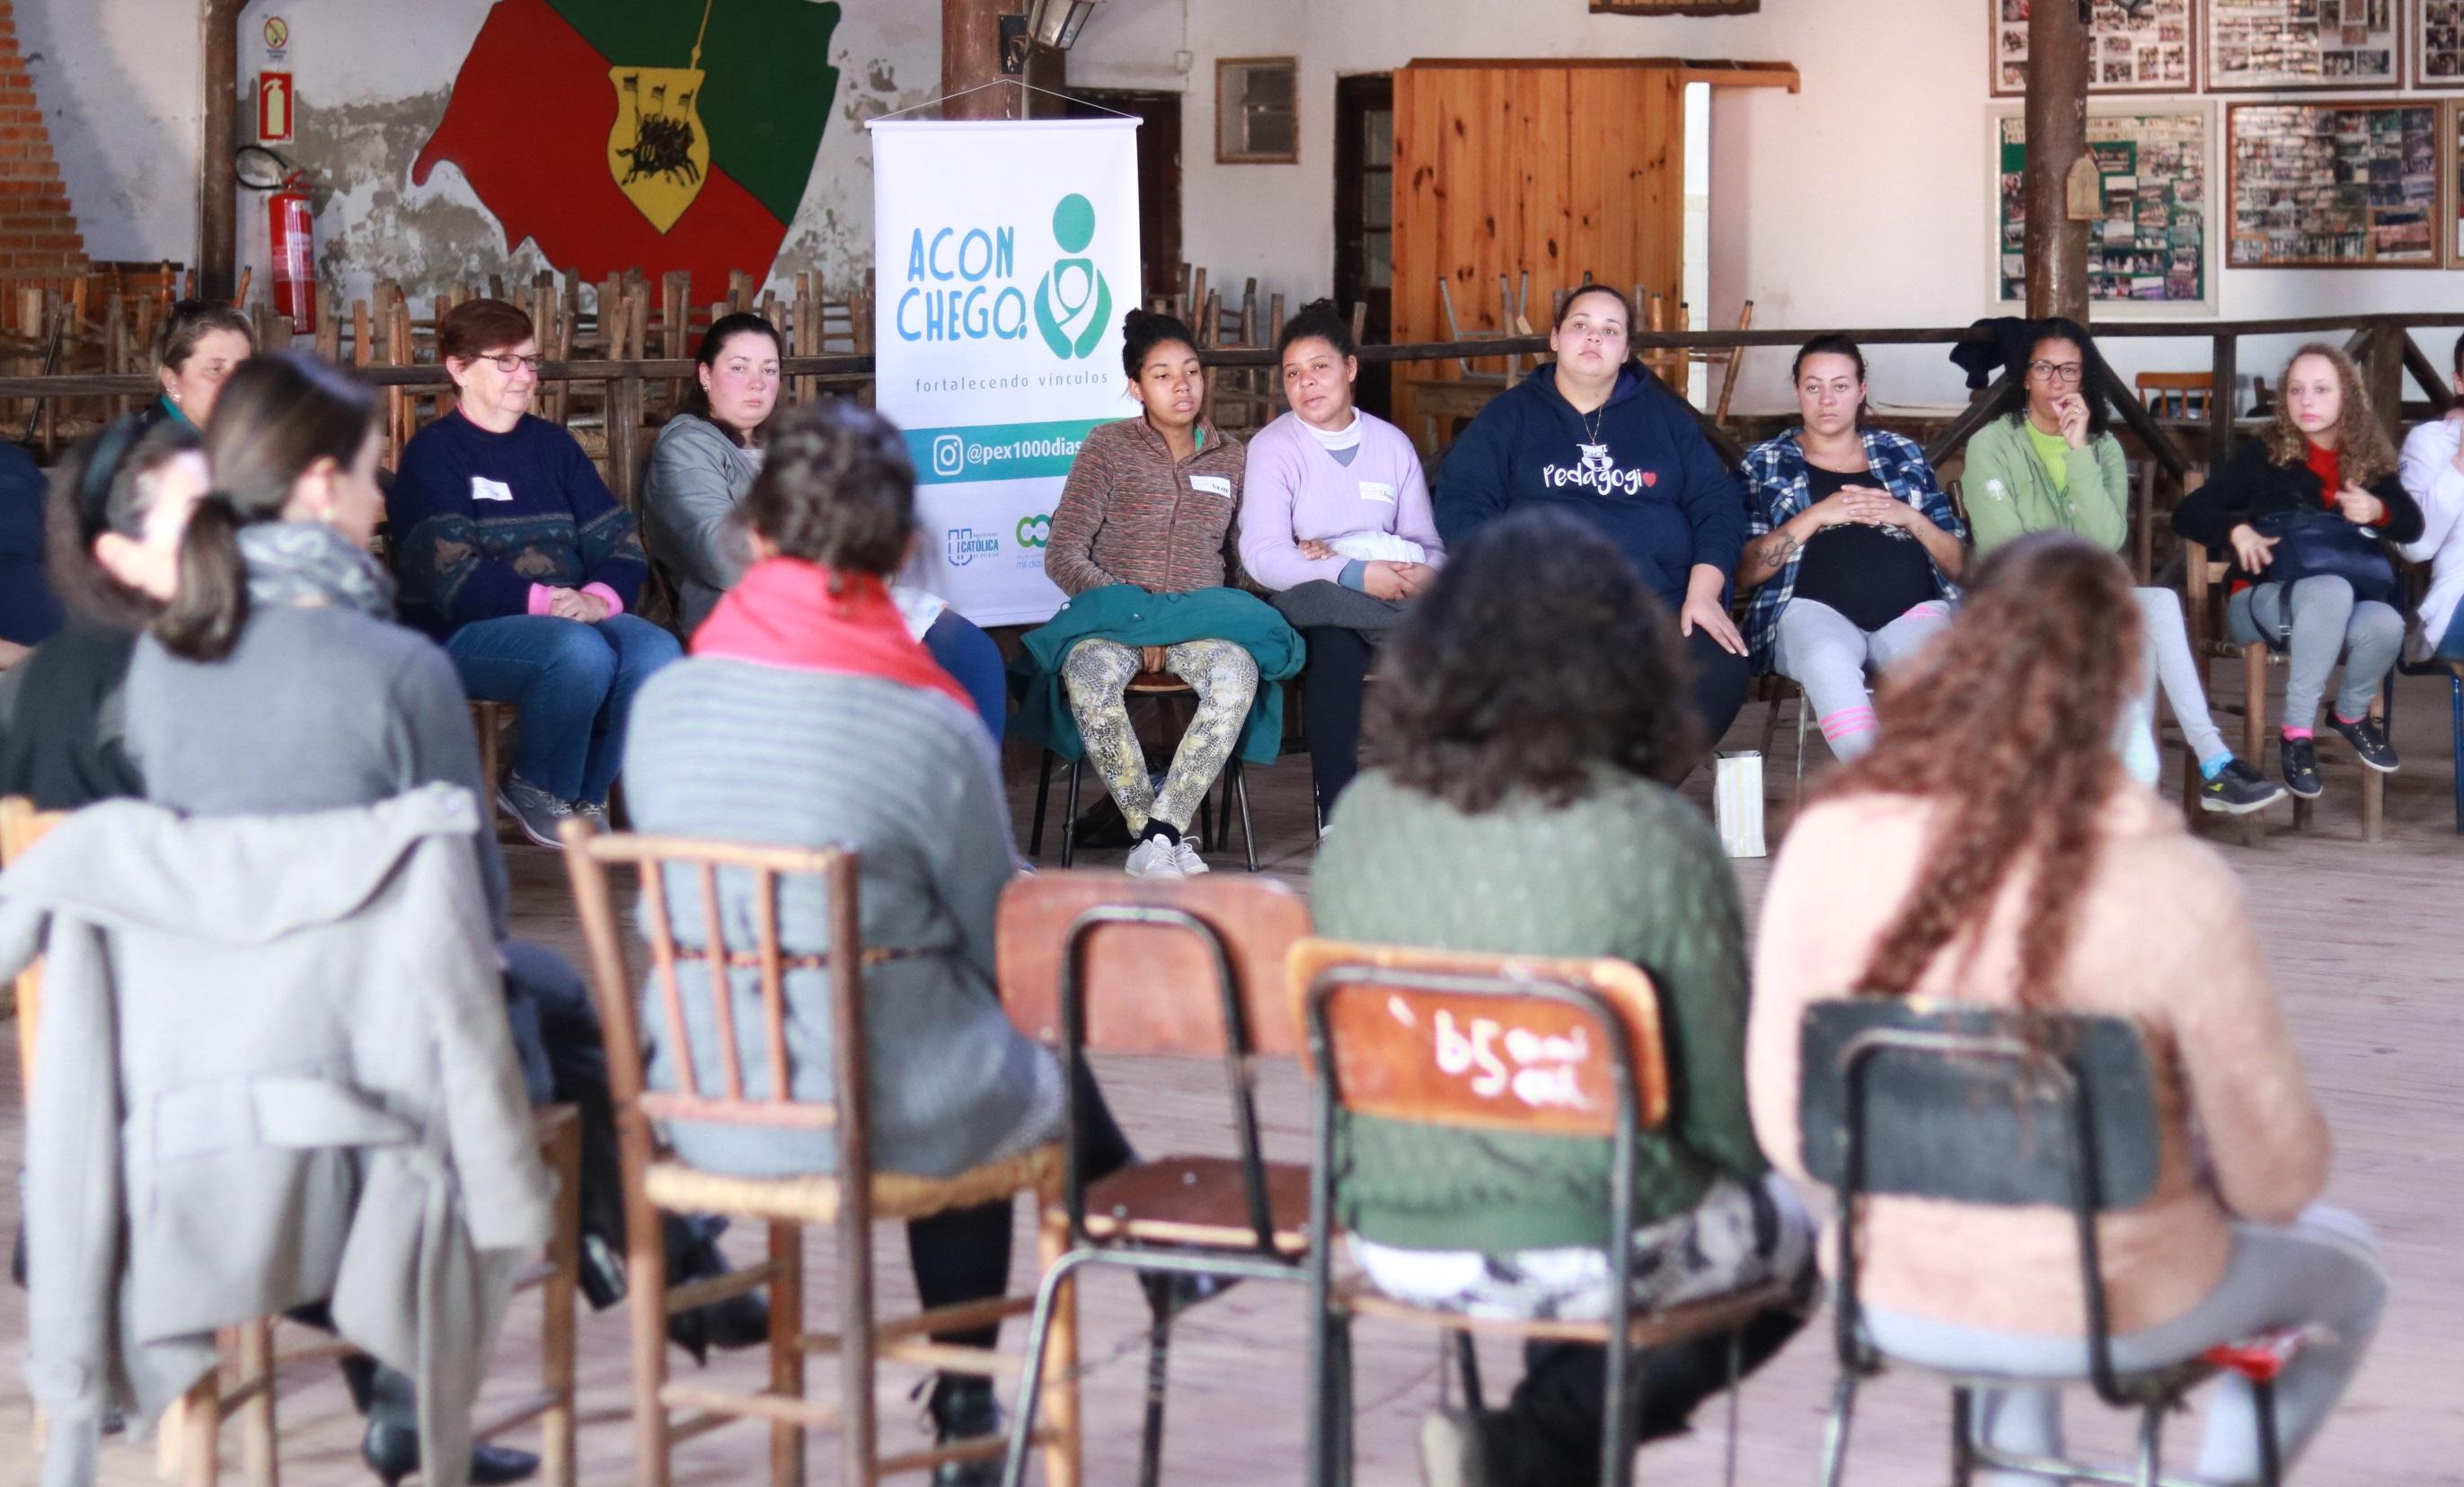 gestantes participando de reunião do projeto aconchego desenvolvido pelo curso de odontologia da ucpel